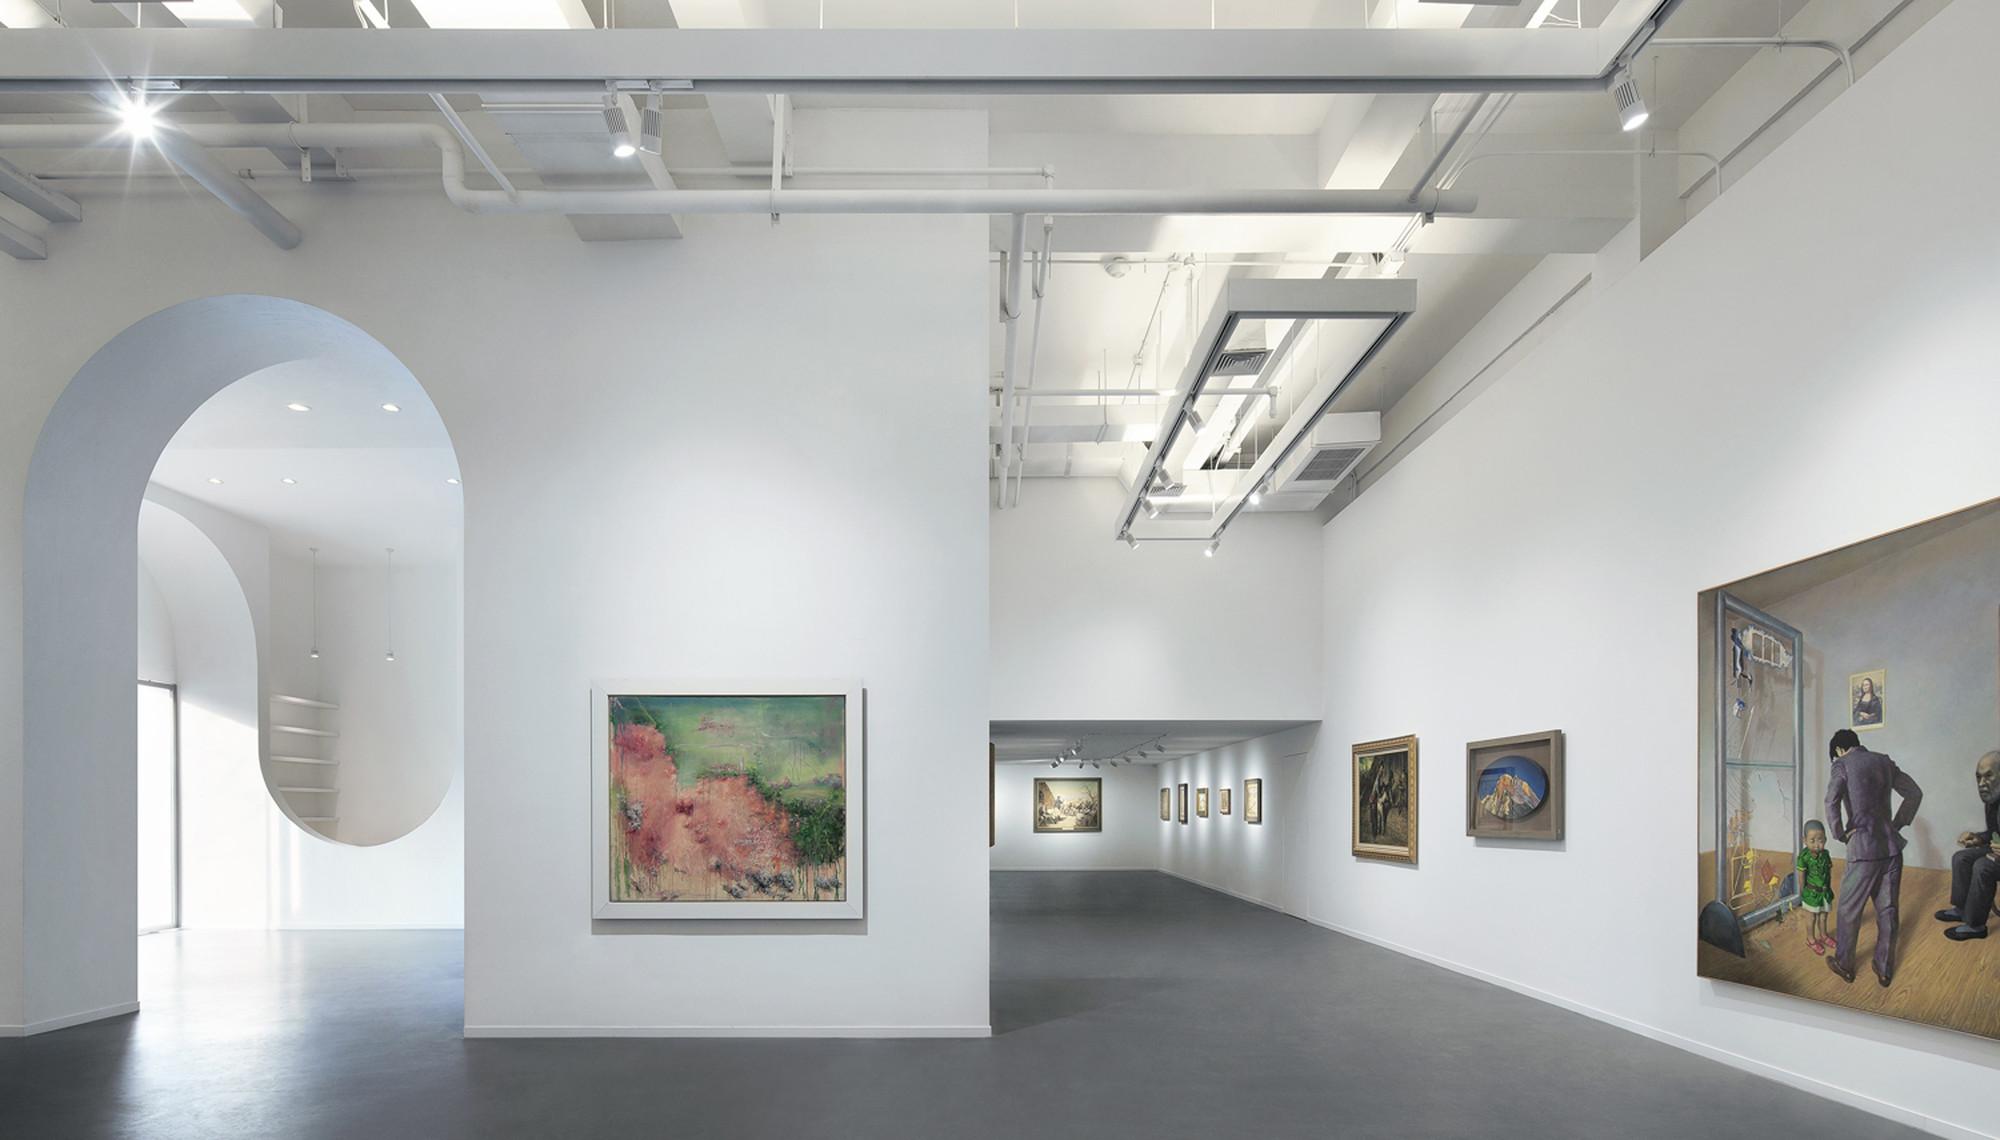 How to design an art gallery - Xia Zhi